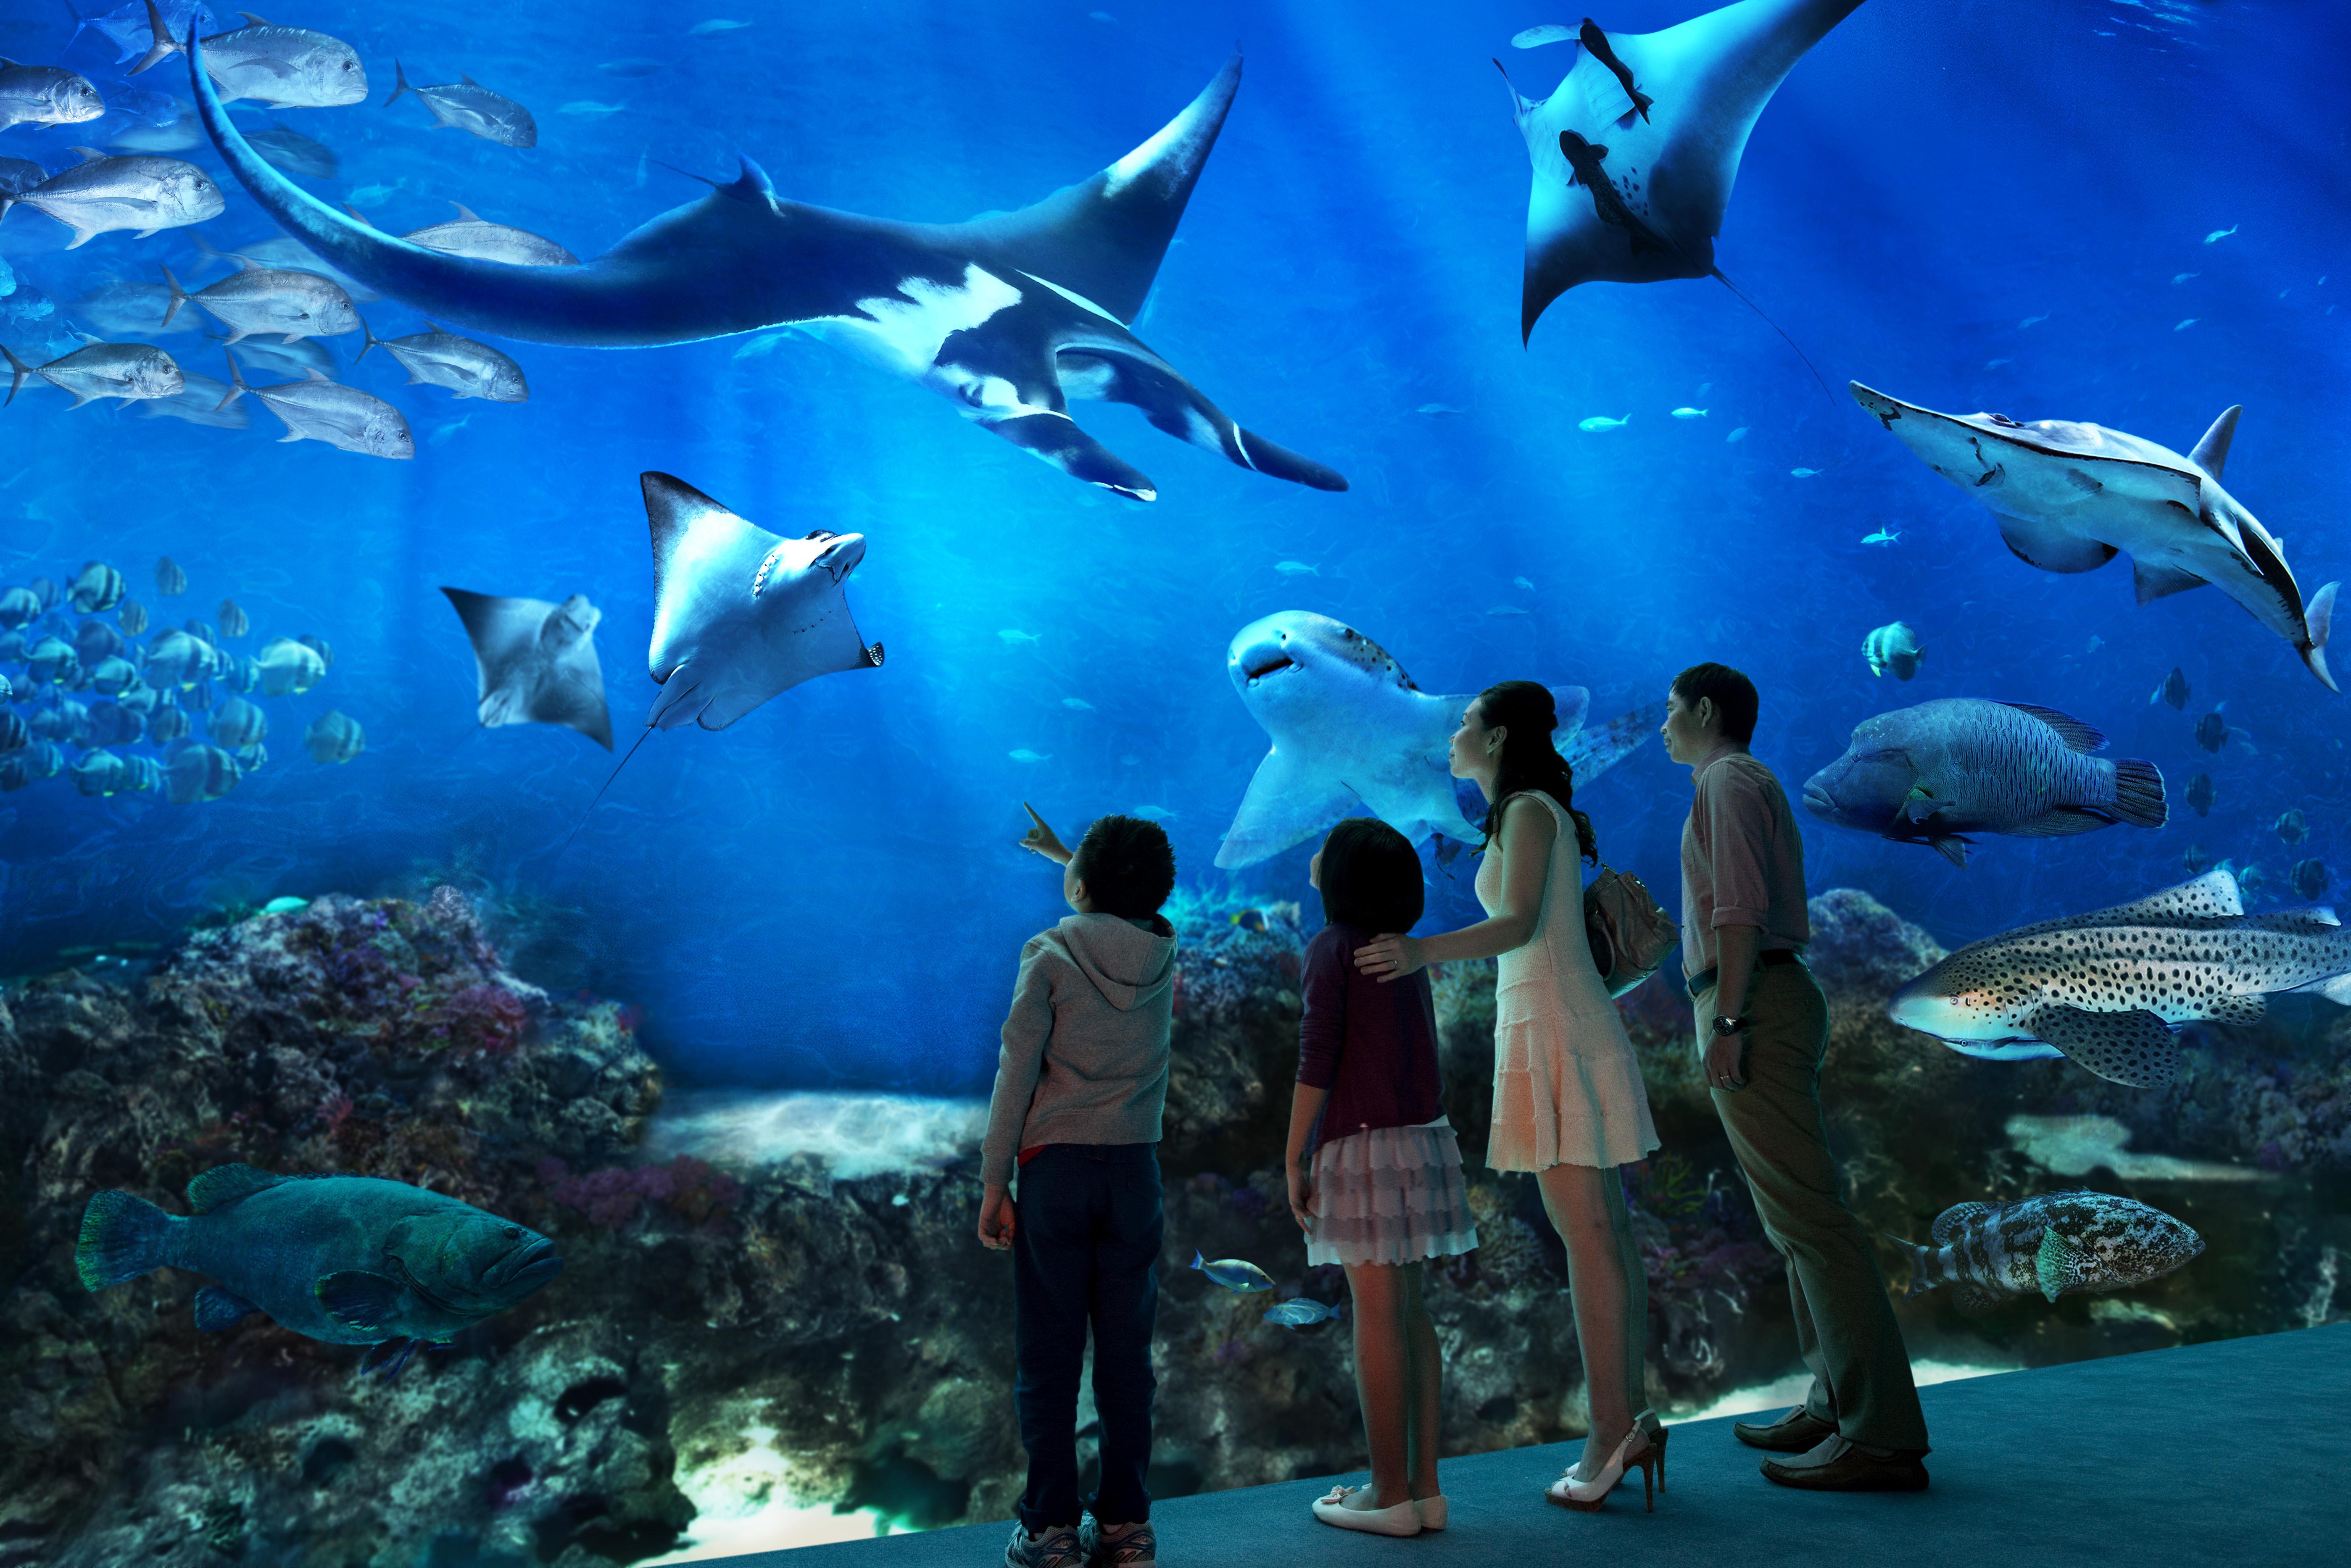 【聖淘沙名勝世界 - S.E.A. 海洋館】新加坡自由行套票3-31天